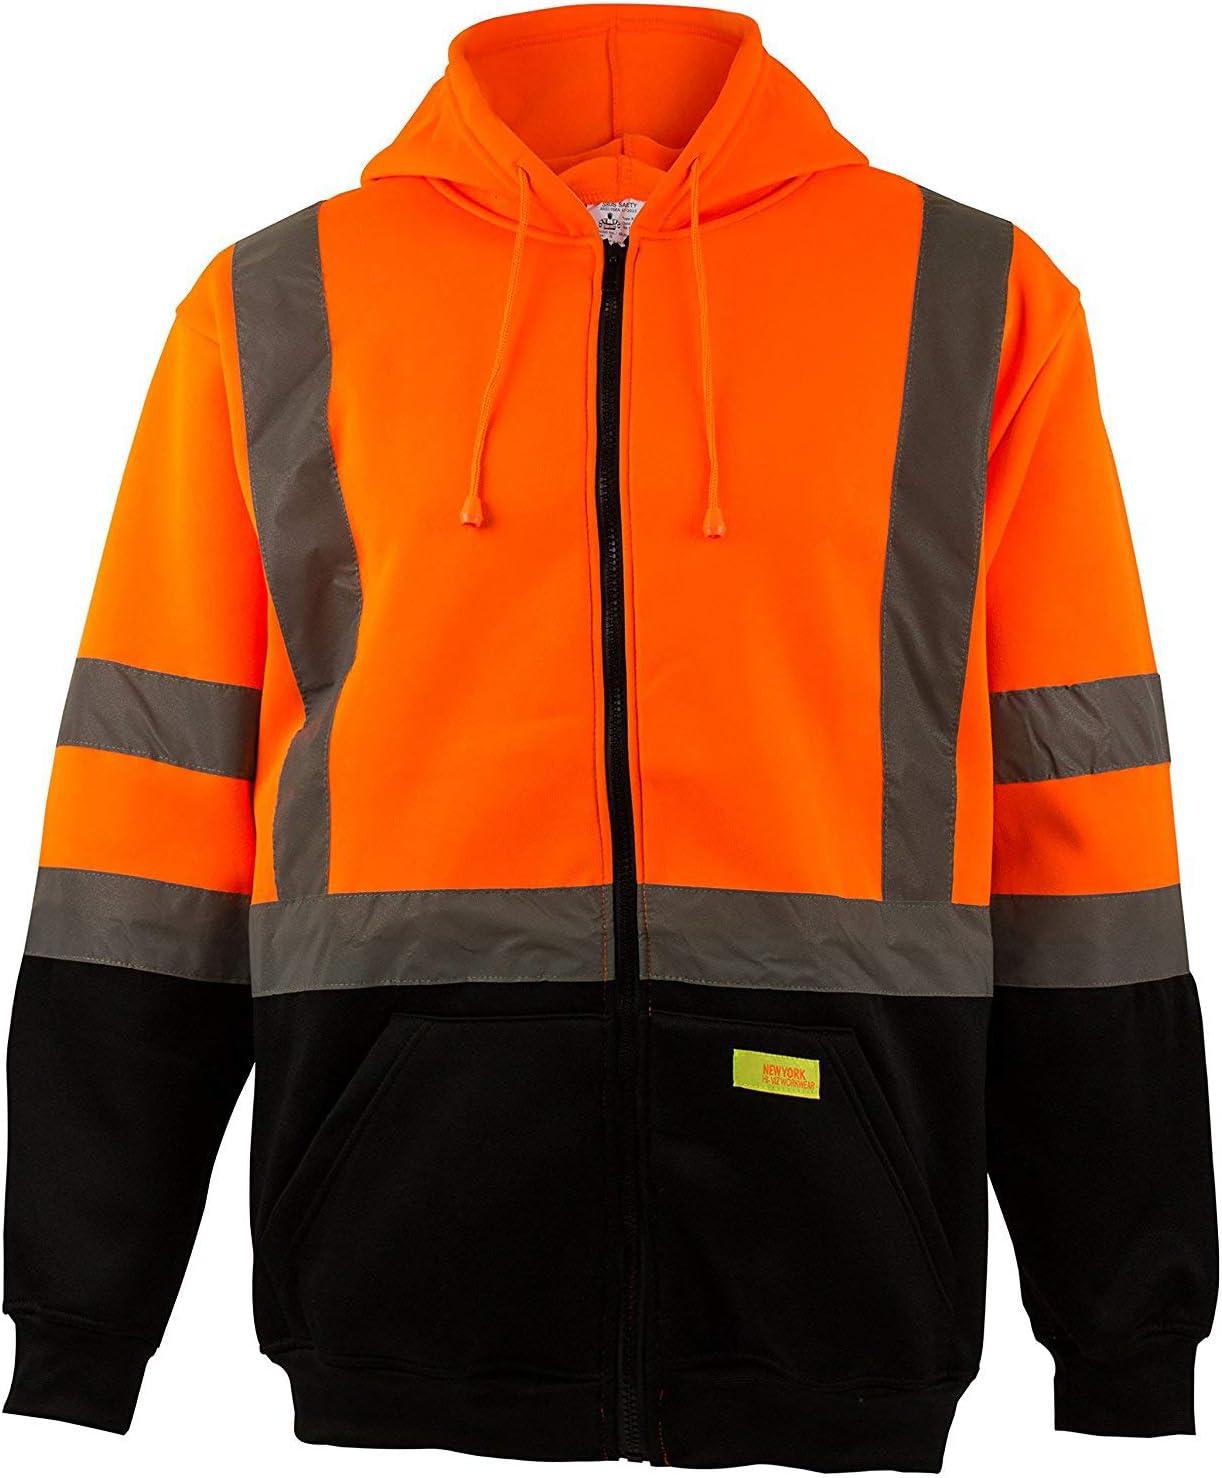 New York Hi-Viz Workwear favorite H9011 Men's High Visibilit 3 Class Ranking TOP16 ANSI